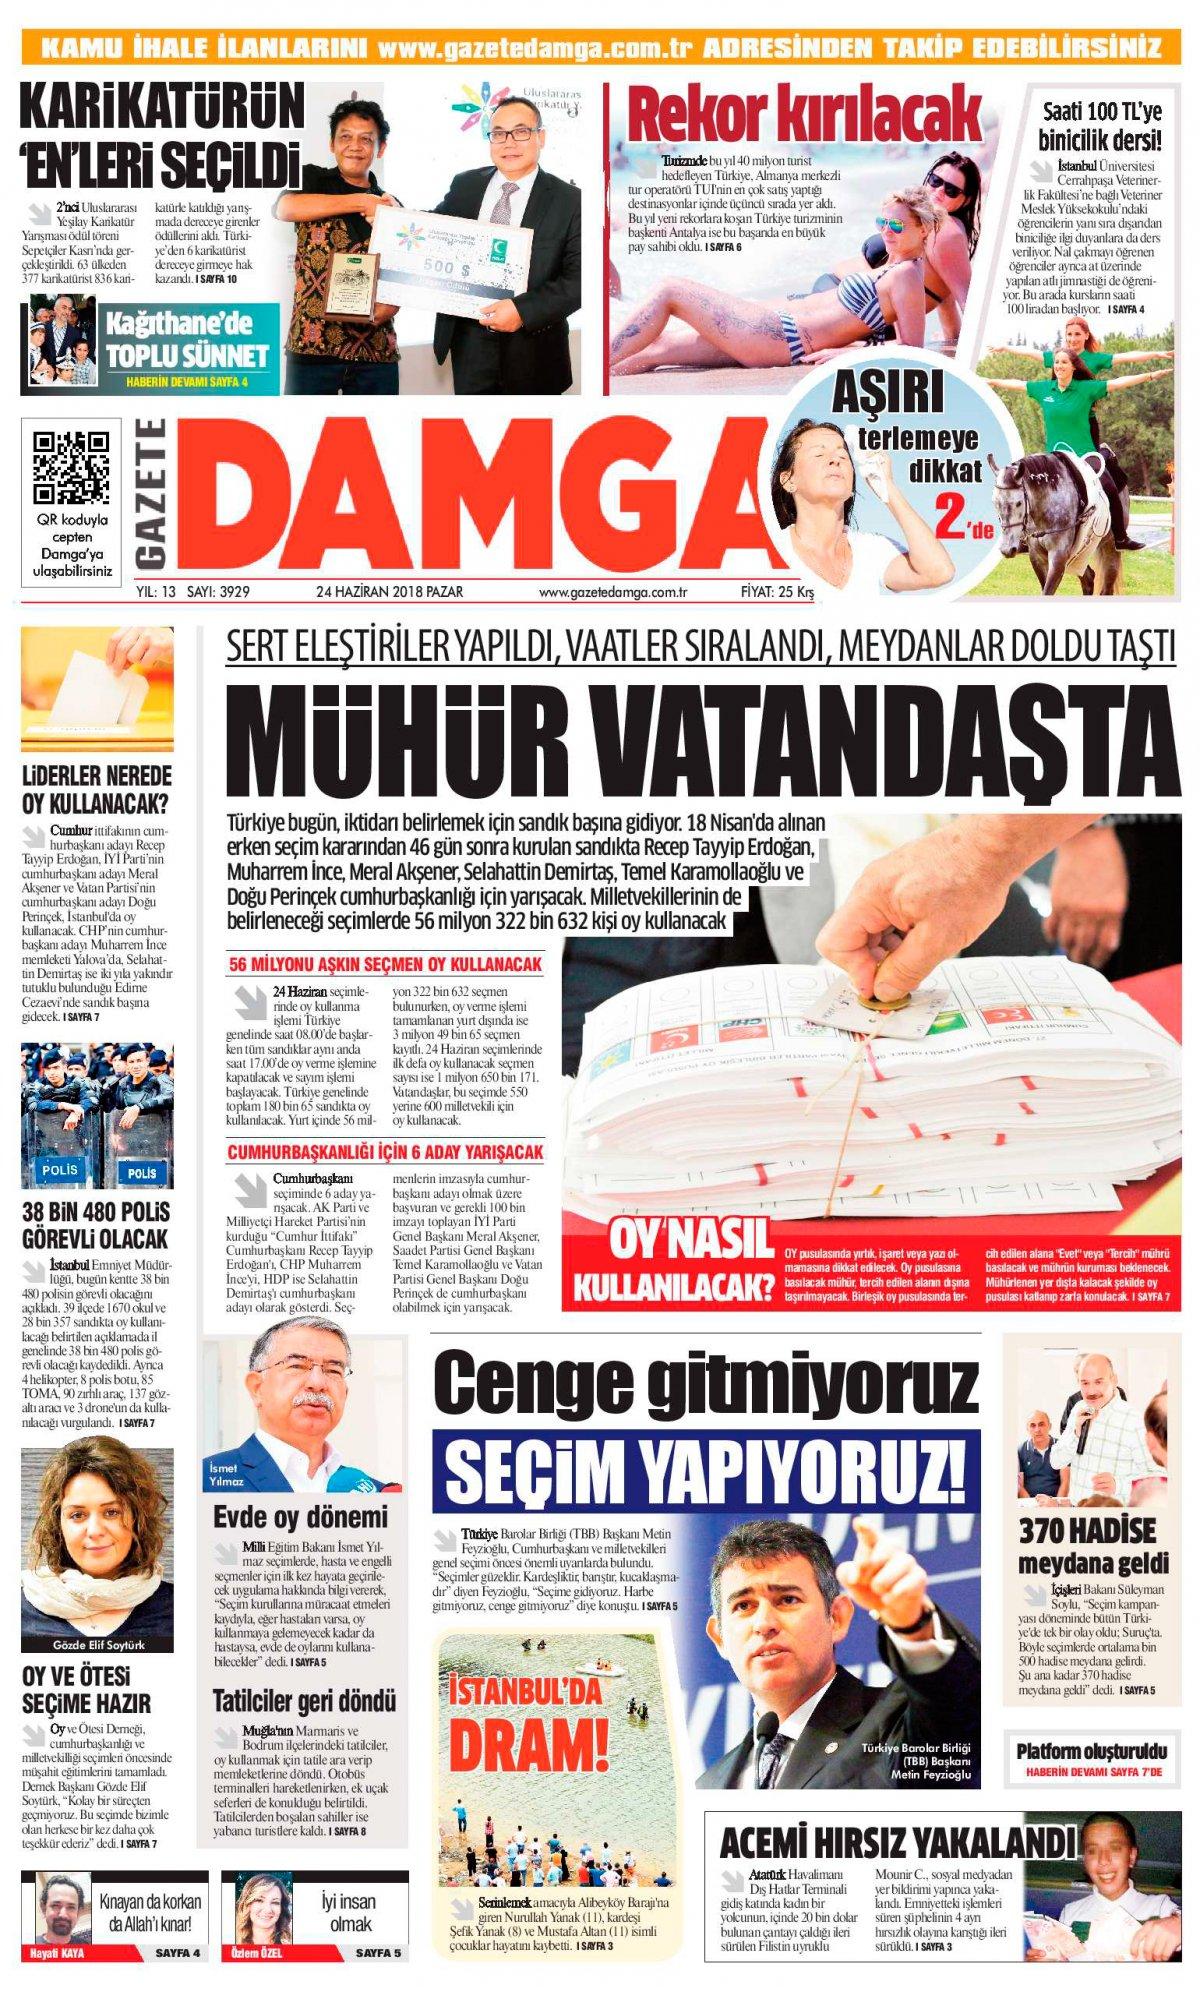 Gazete Damga - 24.06.2018 Manşeti